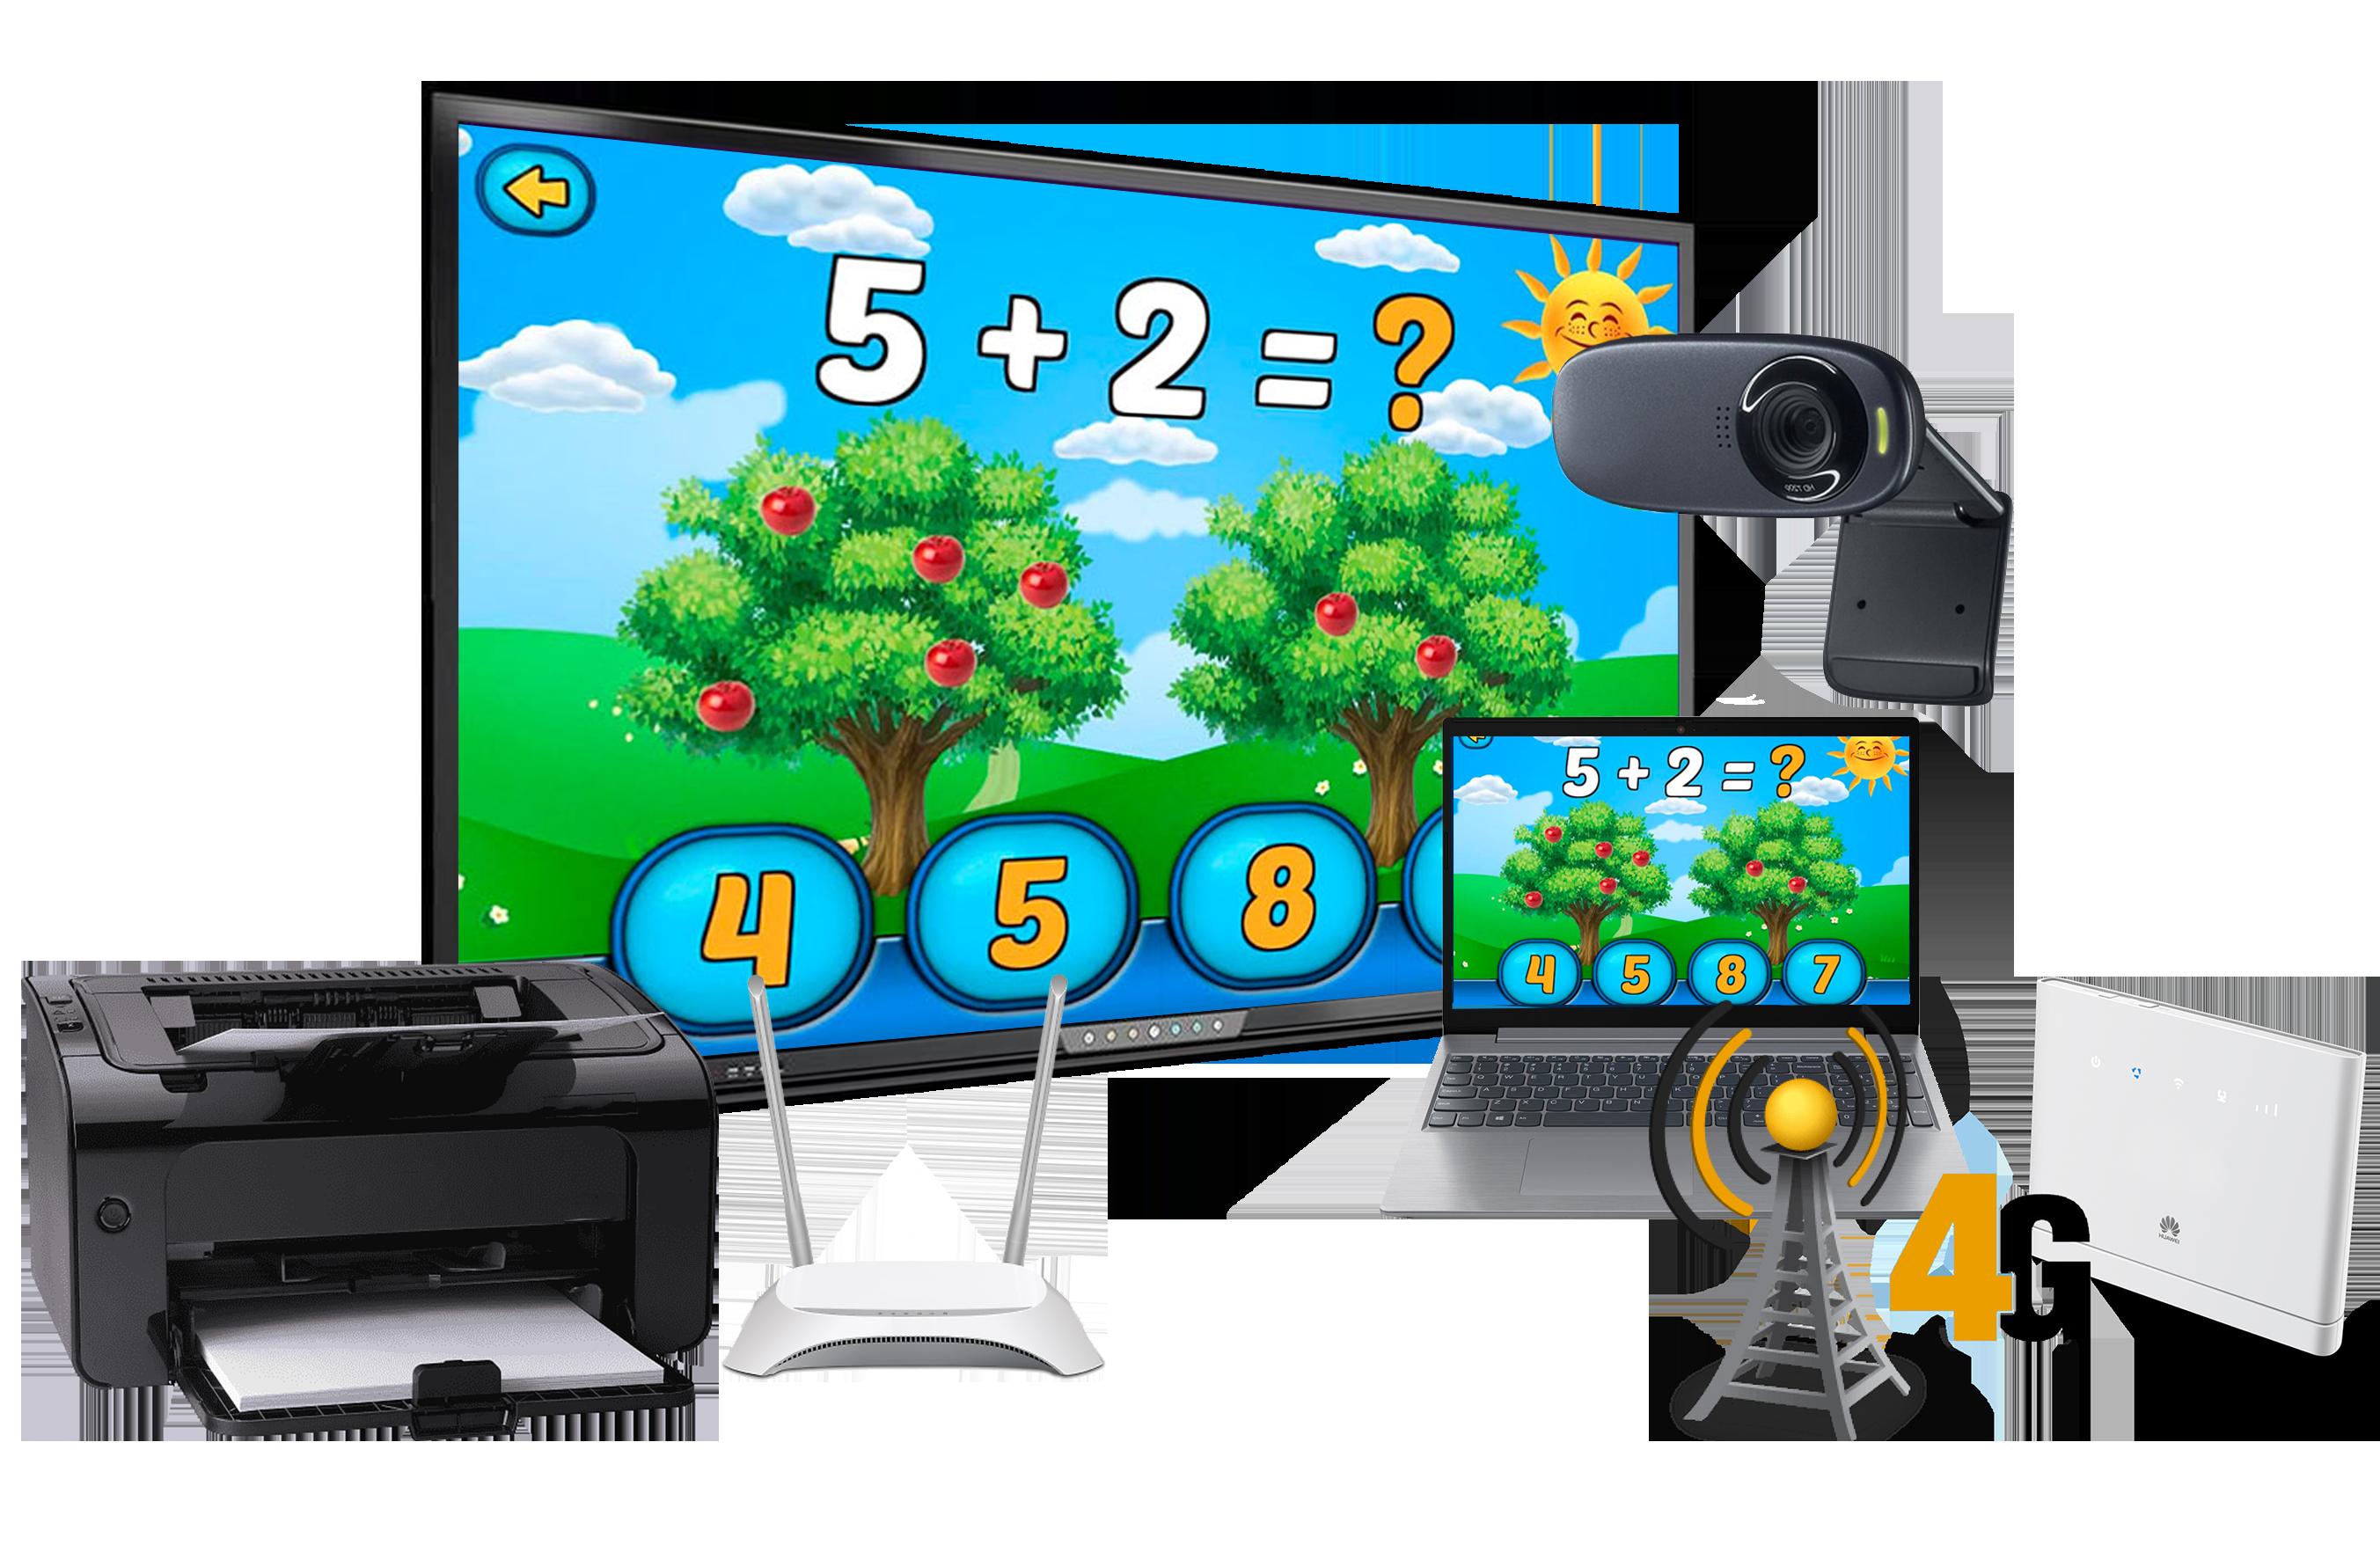 Інтерактивний мультимедійний комплекс для НУШ 9 в 1 4G: інтерактивна панель+ноутбук+веб-камера+принтер+роутер+4G модем та безлімітний інтернет+ActivInspire+ClassFlow. Ціна та характеристики.